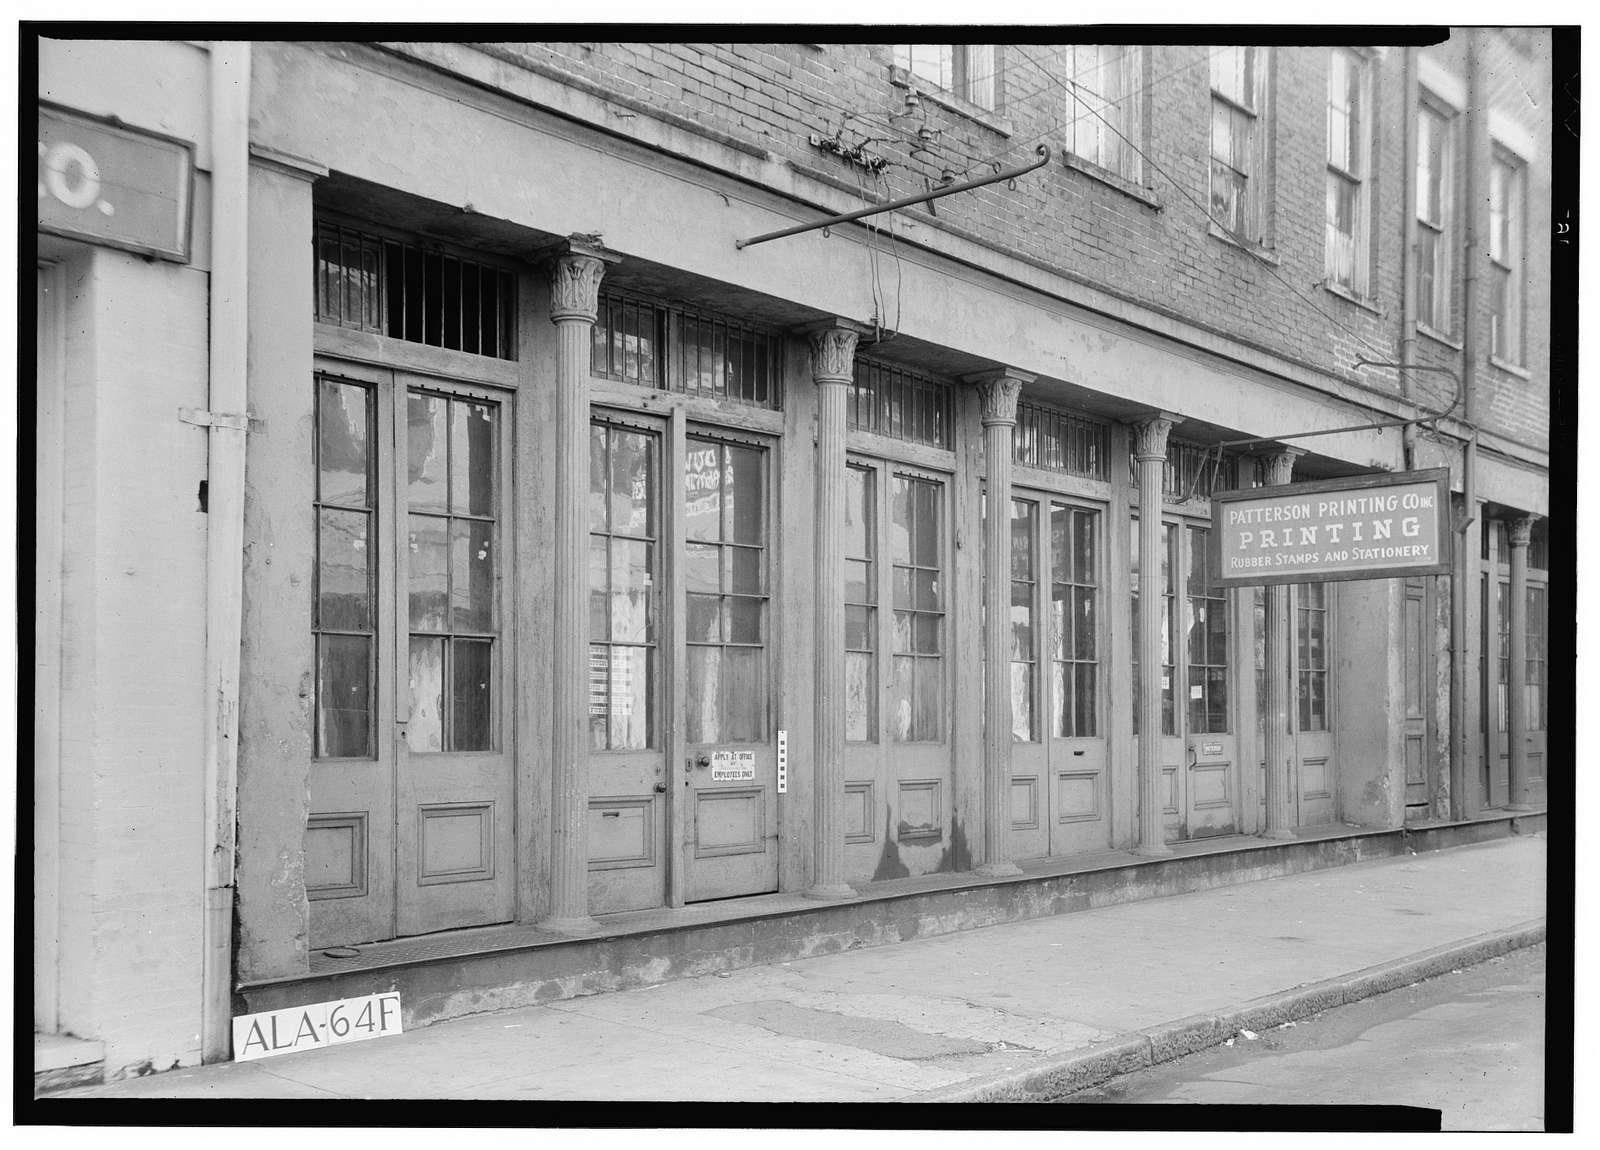 67 Saint Michael Street (Commercial Building), Mobile, Mobile County, AL